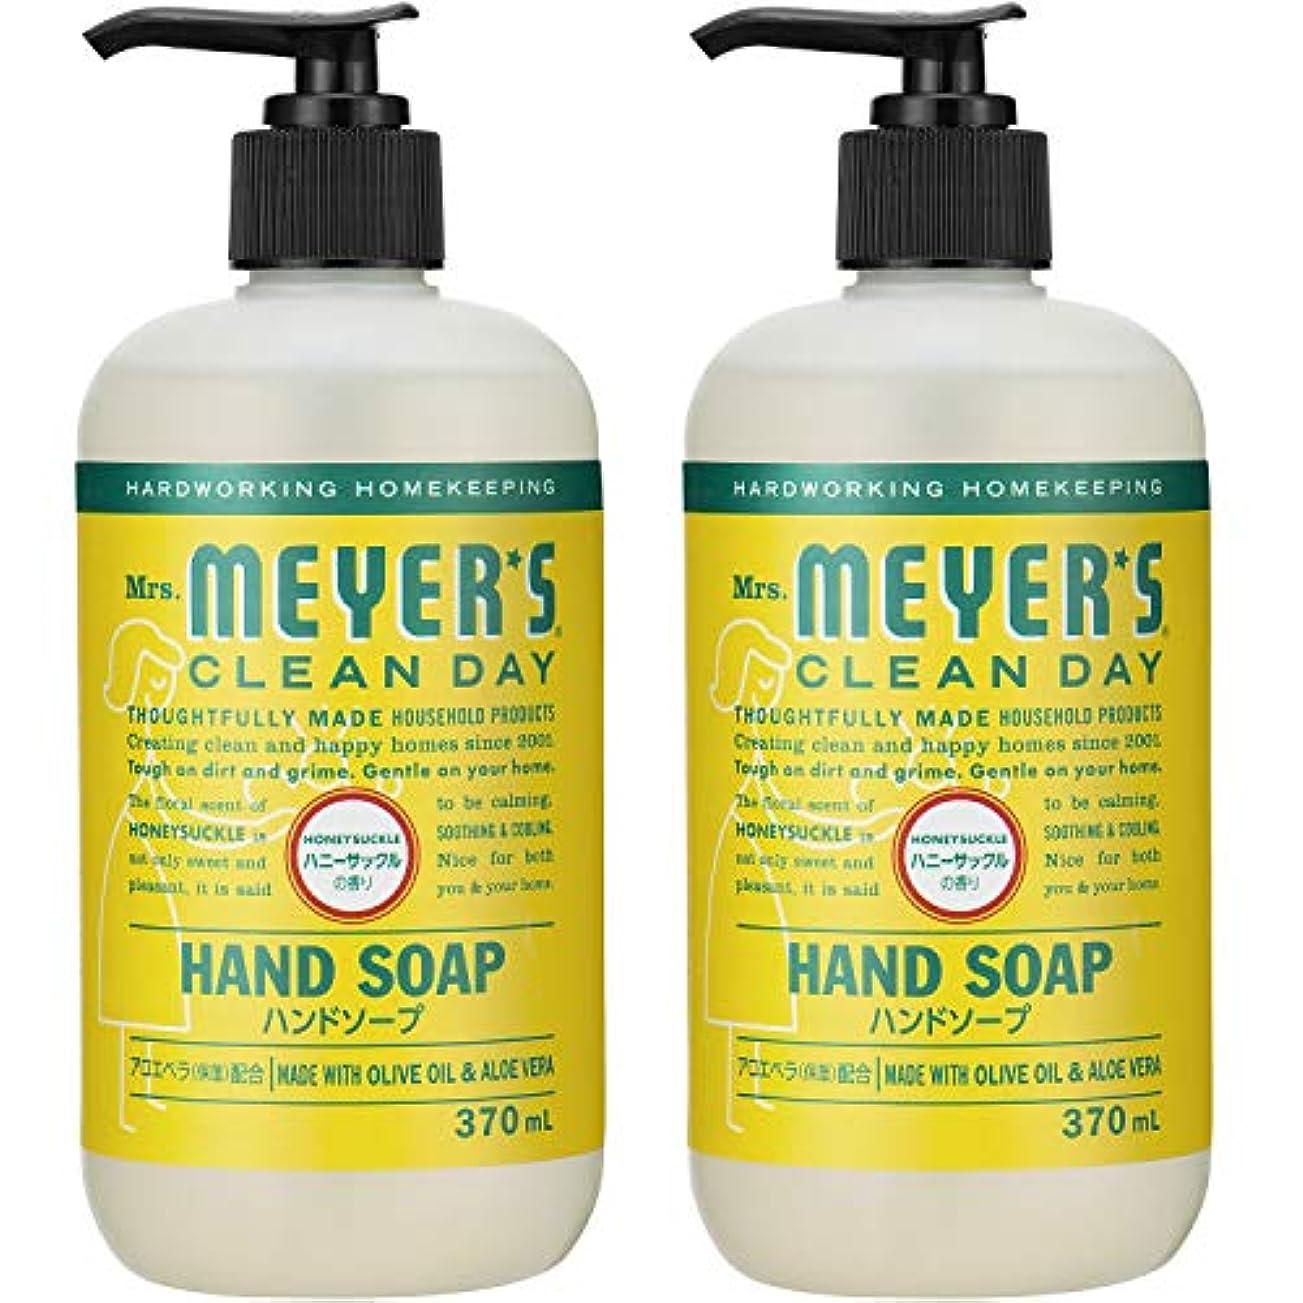 後退する増強する説得力のあるMrs. MEYER'S CLEAN DAY(ミセスマイヤーズ クリーンデイ) ミセスマイヤーズ クリーンデイ(Mrs.Meyers Clean Day) ハンドソープ ハニーサックルの香り 370ml×2個